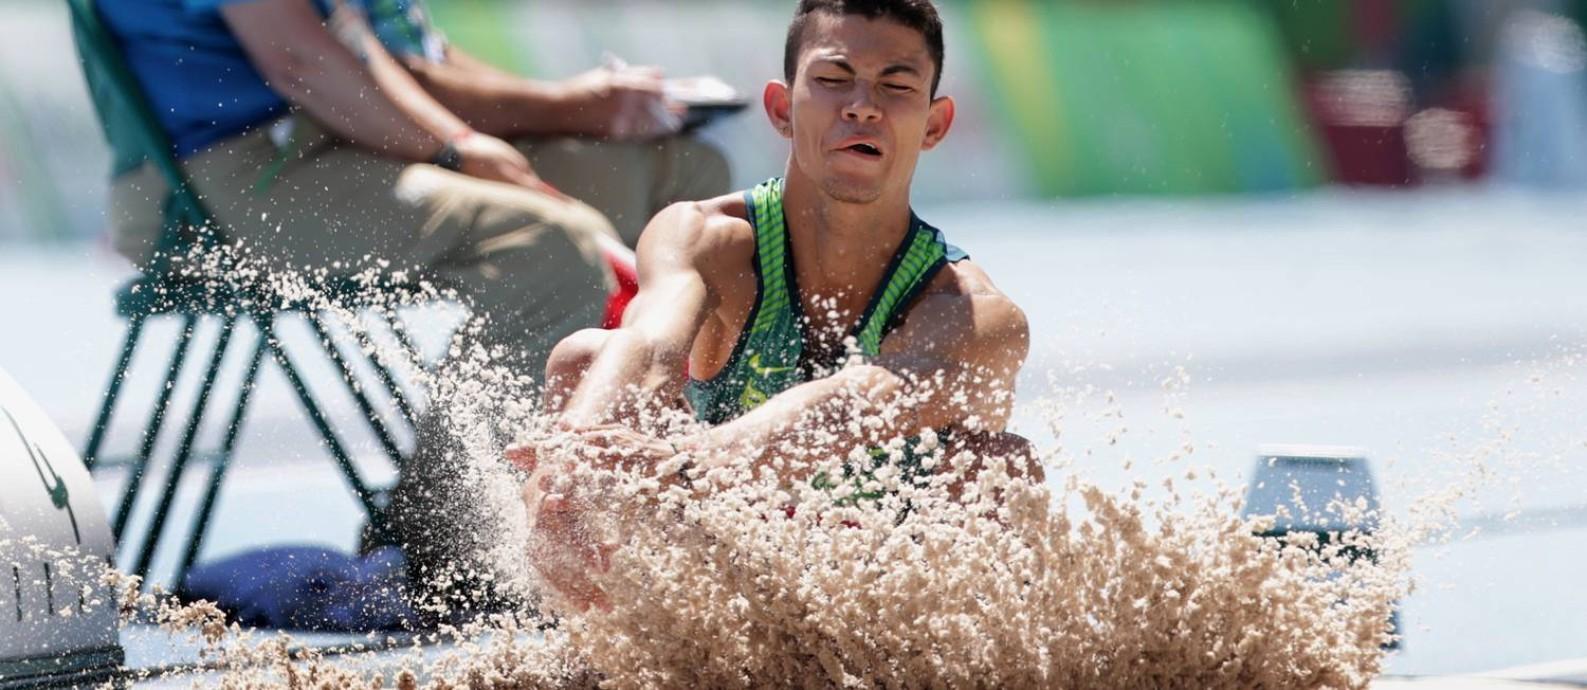 O brasileiro Rodrigo Parreira conquistou a prata no salto em distância masculino na categoria T36. Foto Foto: Márcio Alves / Agência O Globo